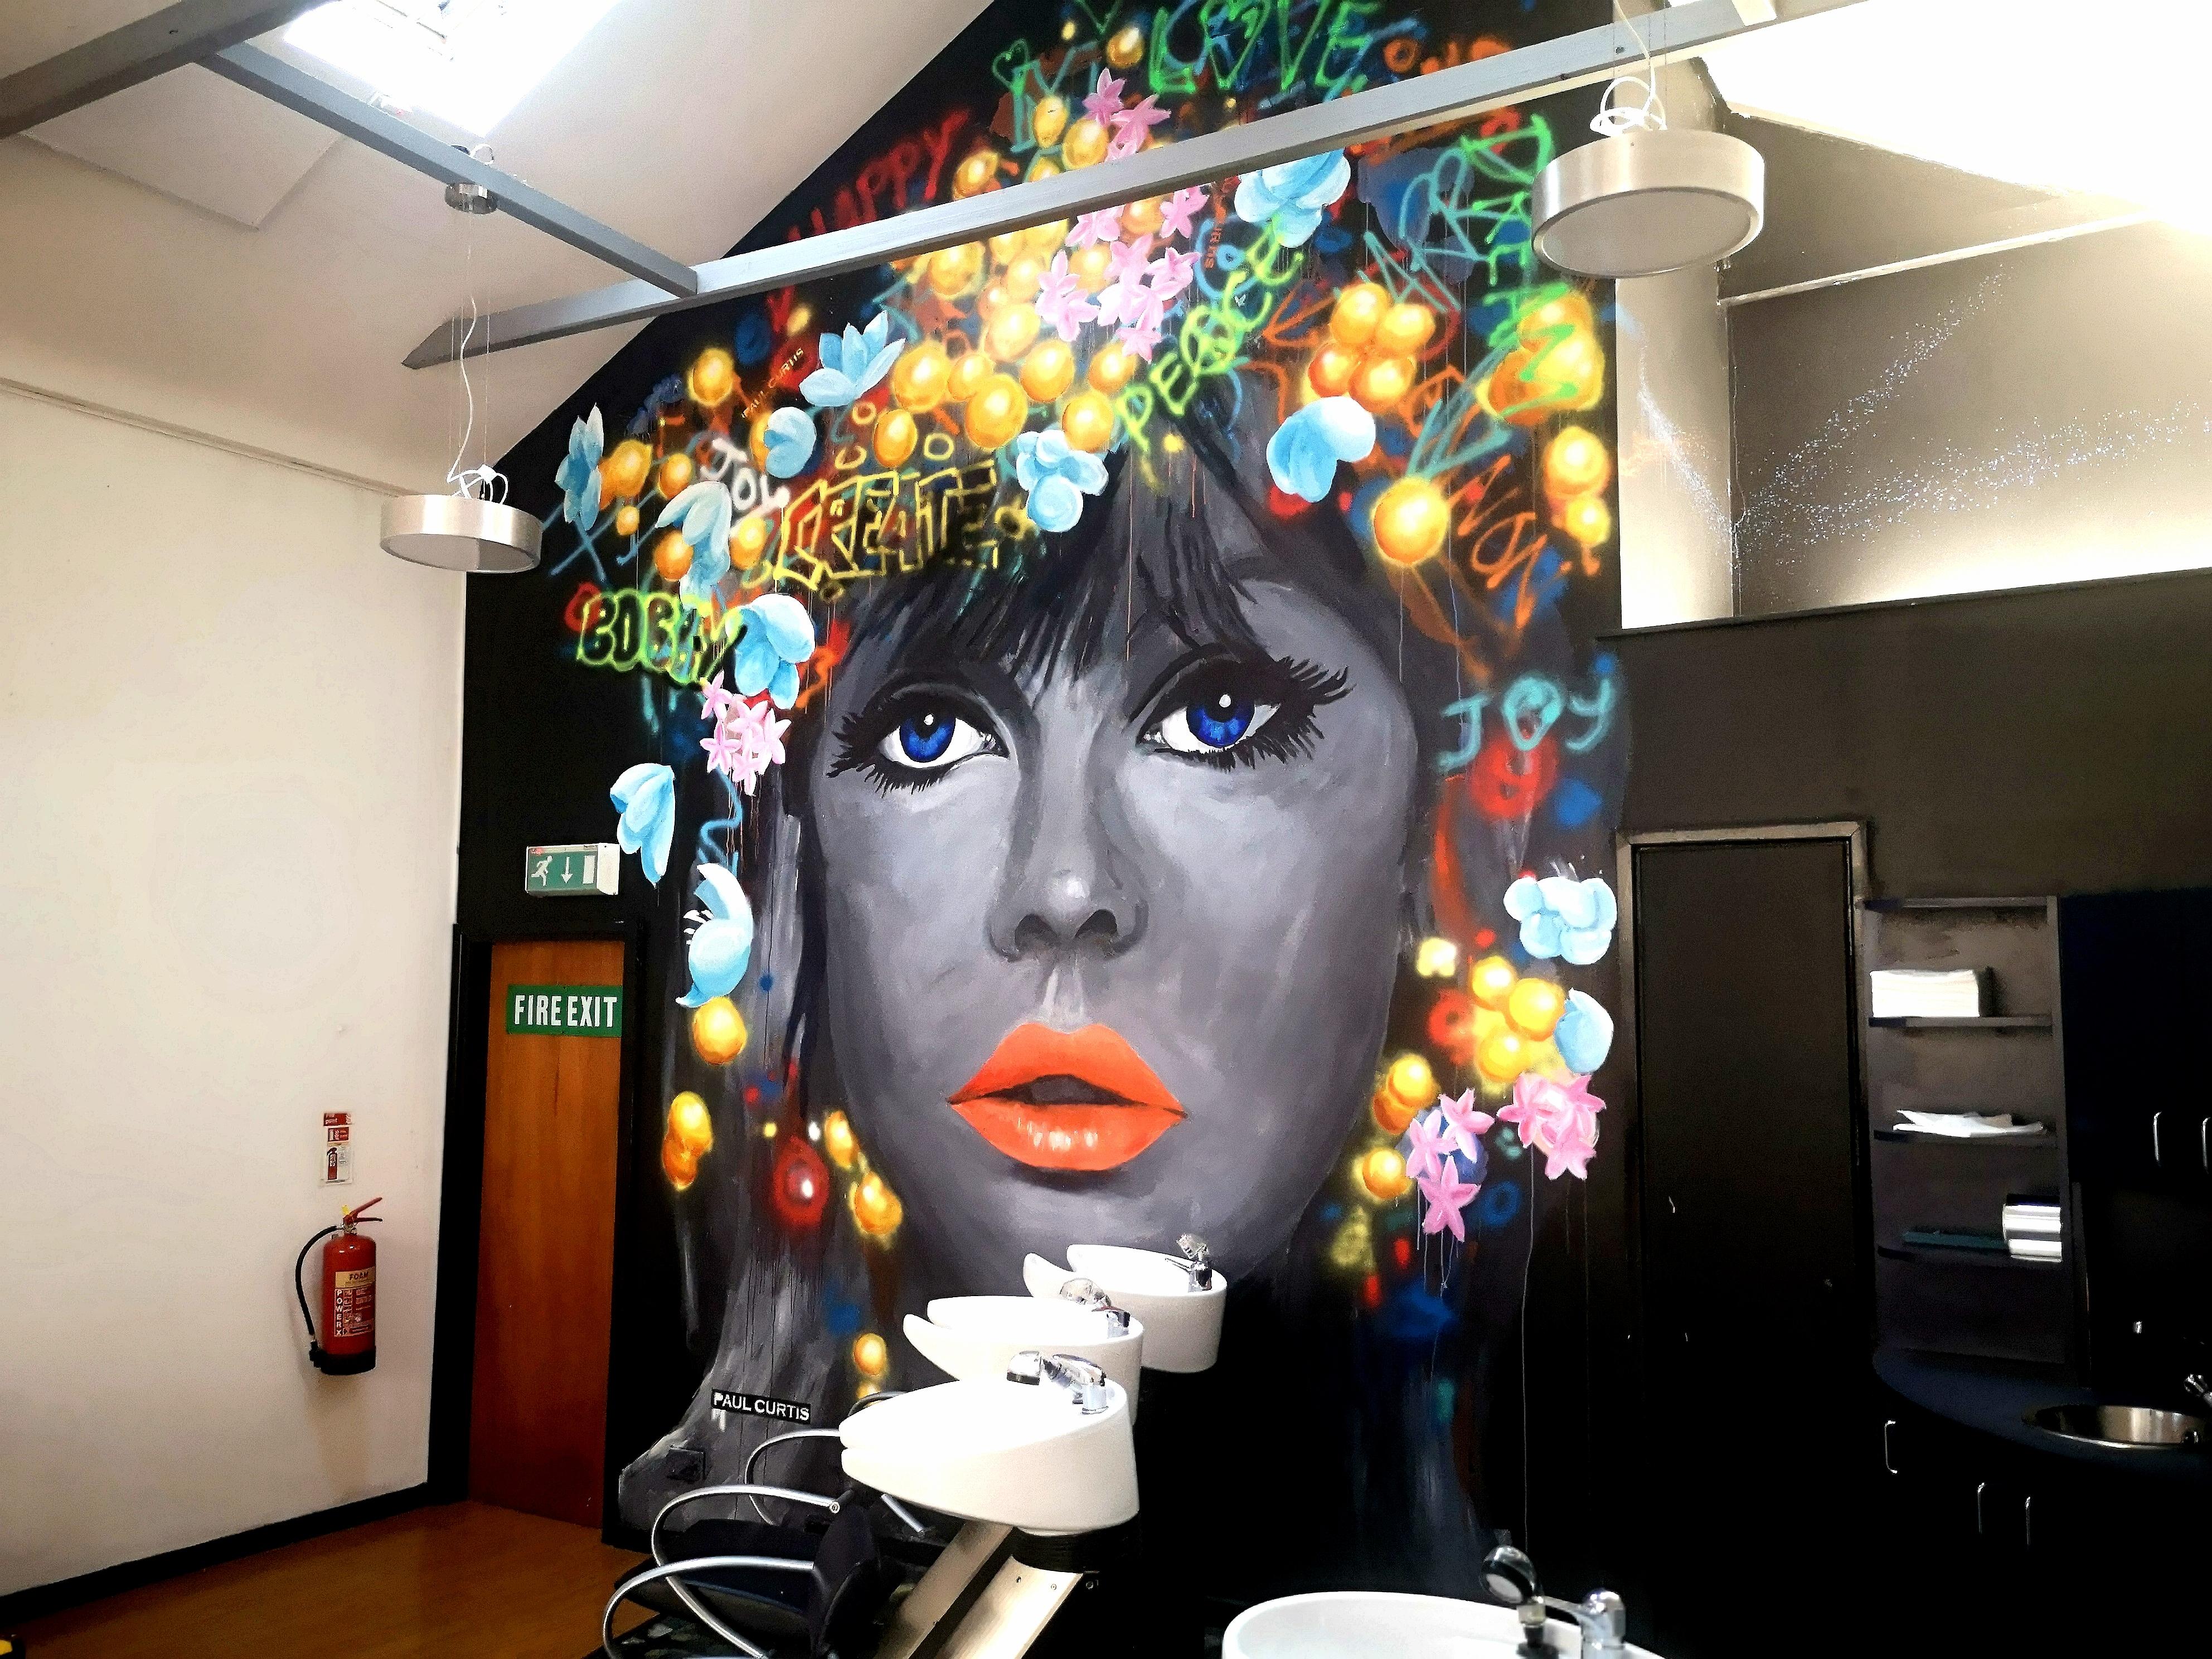 Graffiti girl mural, Liverpool